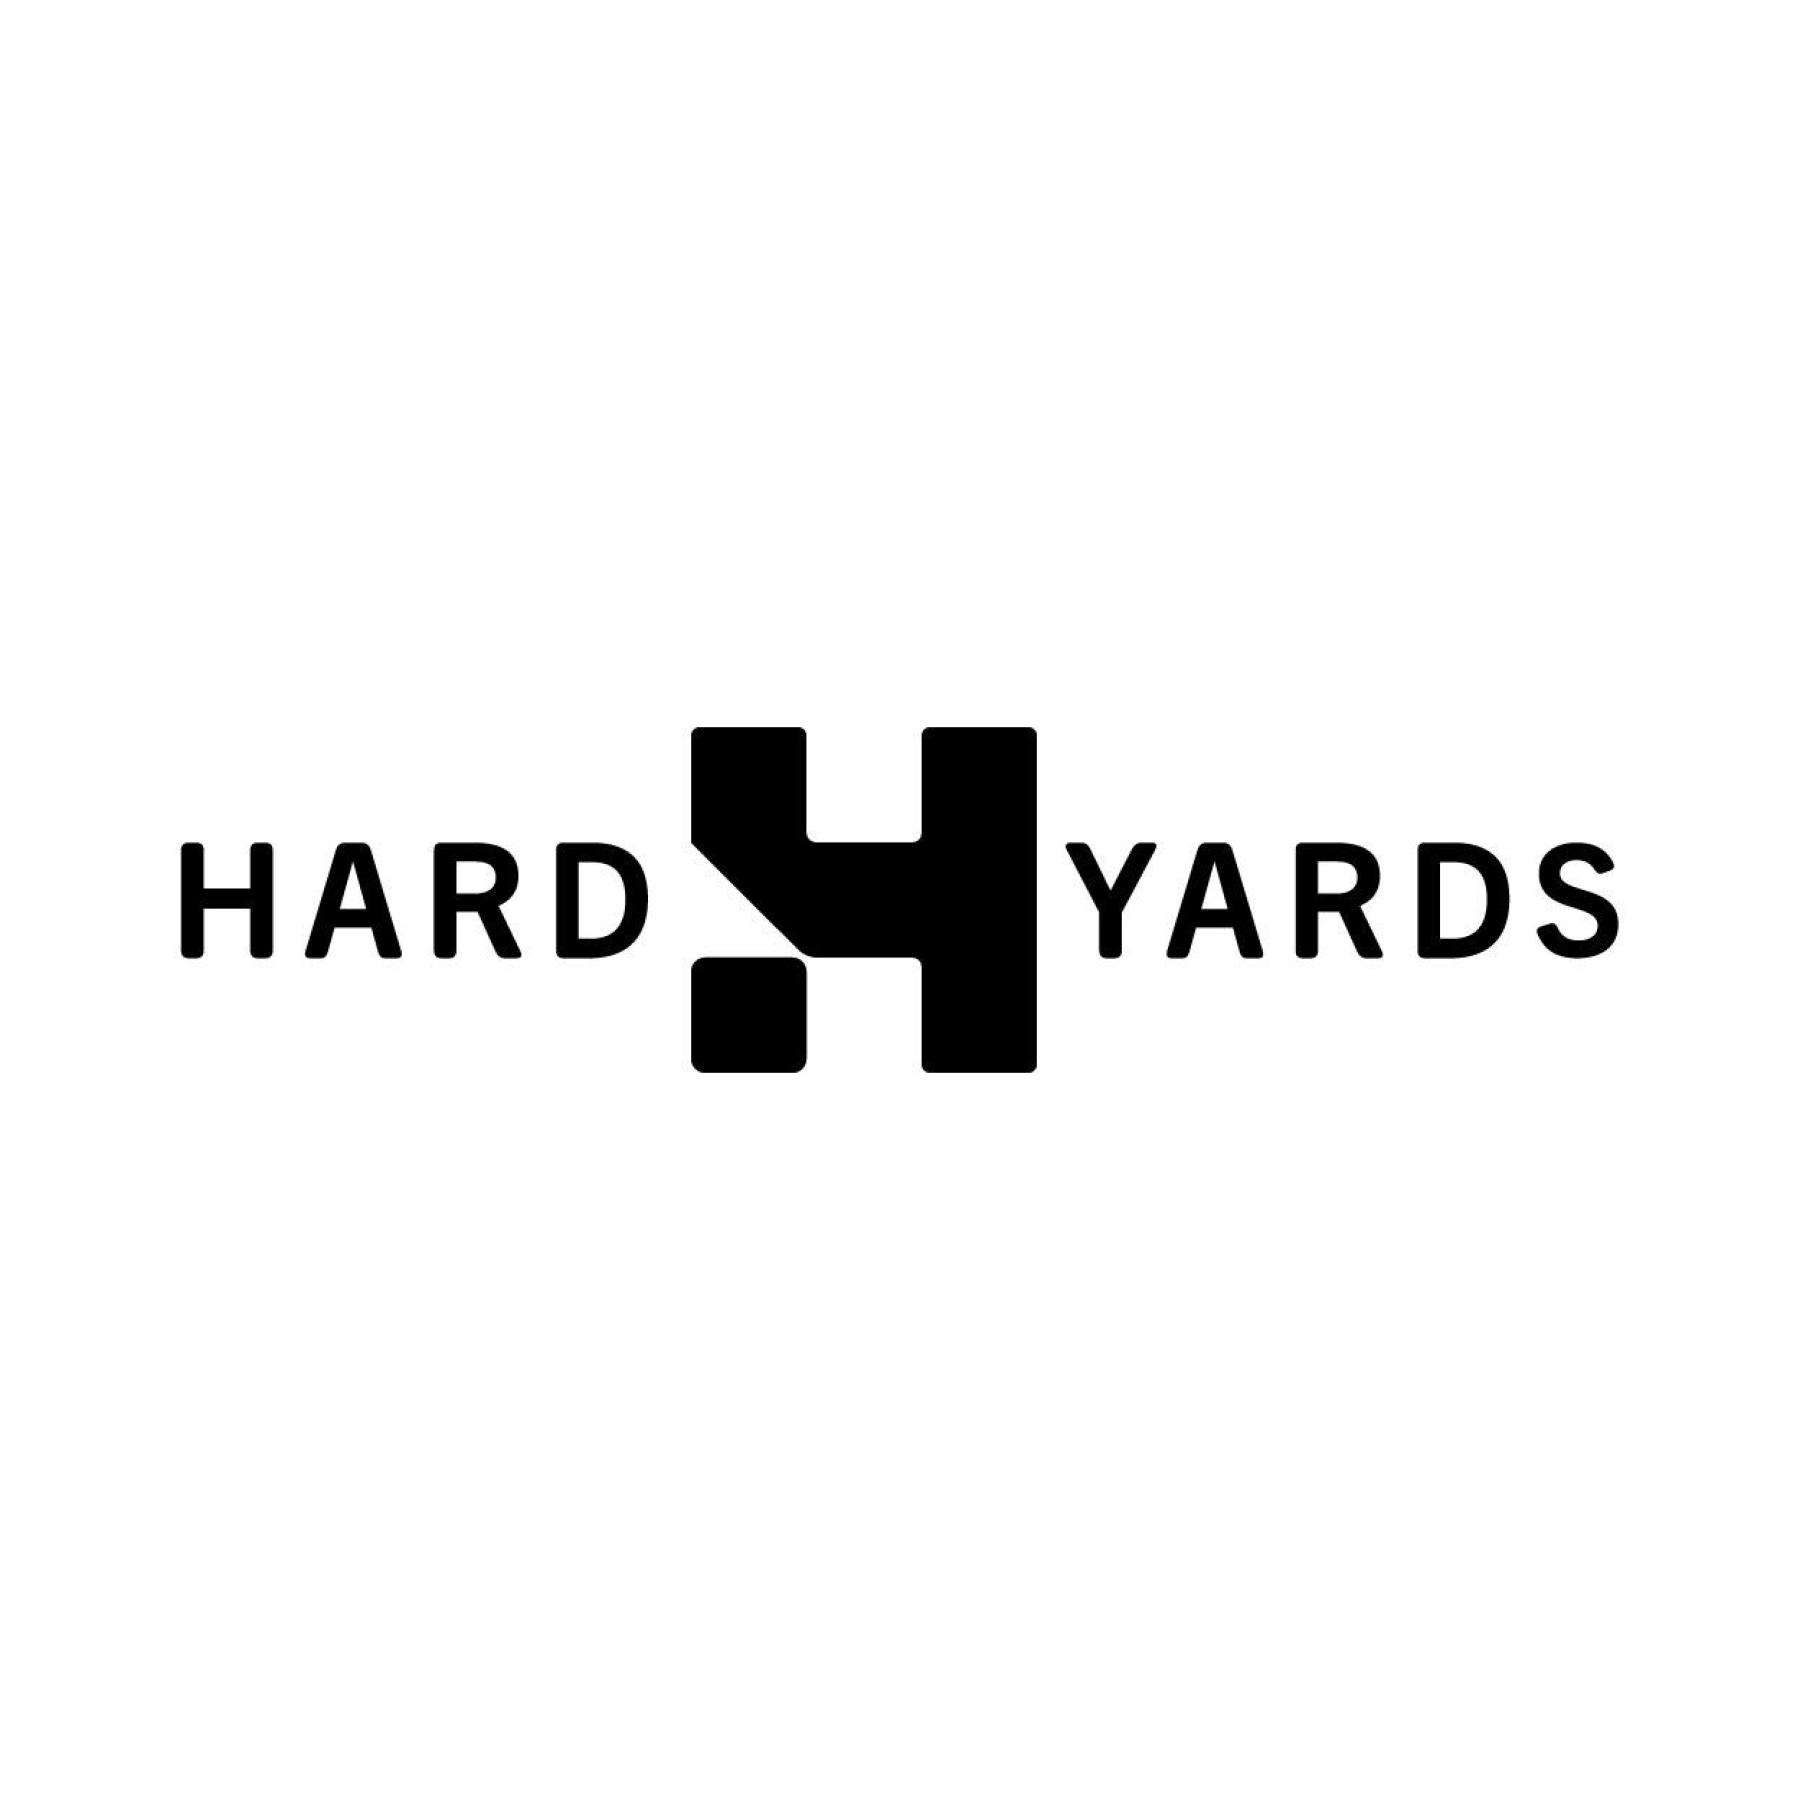 Hard Yards logo